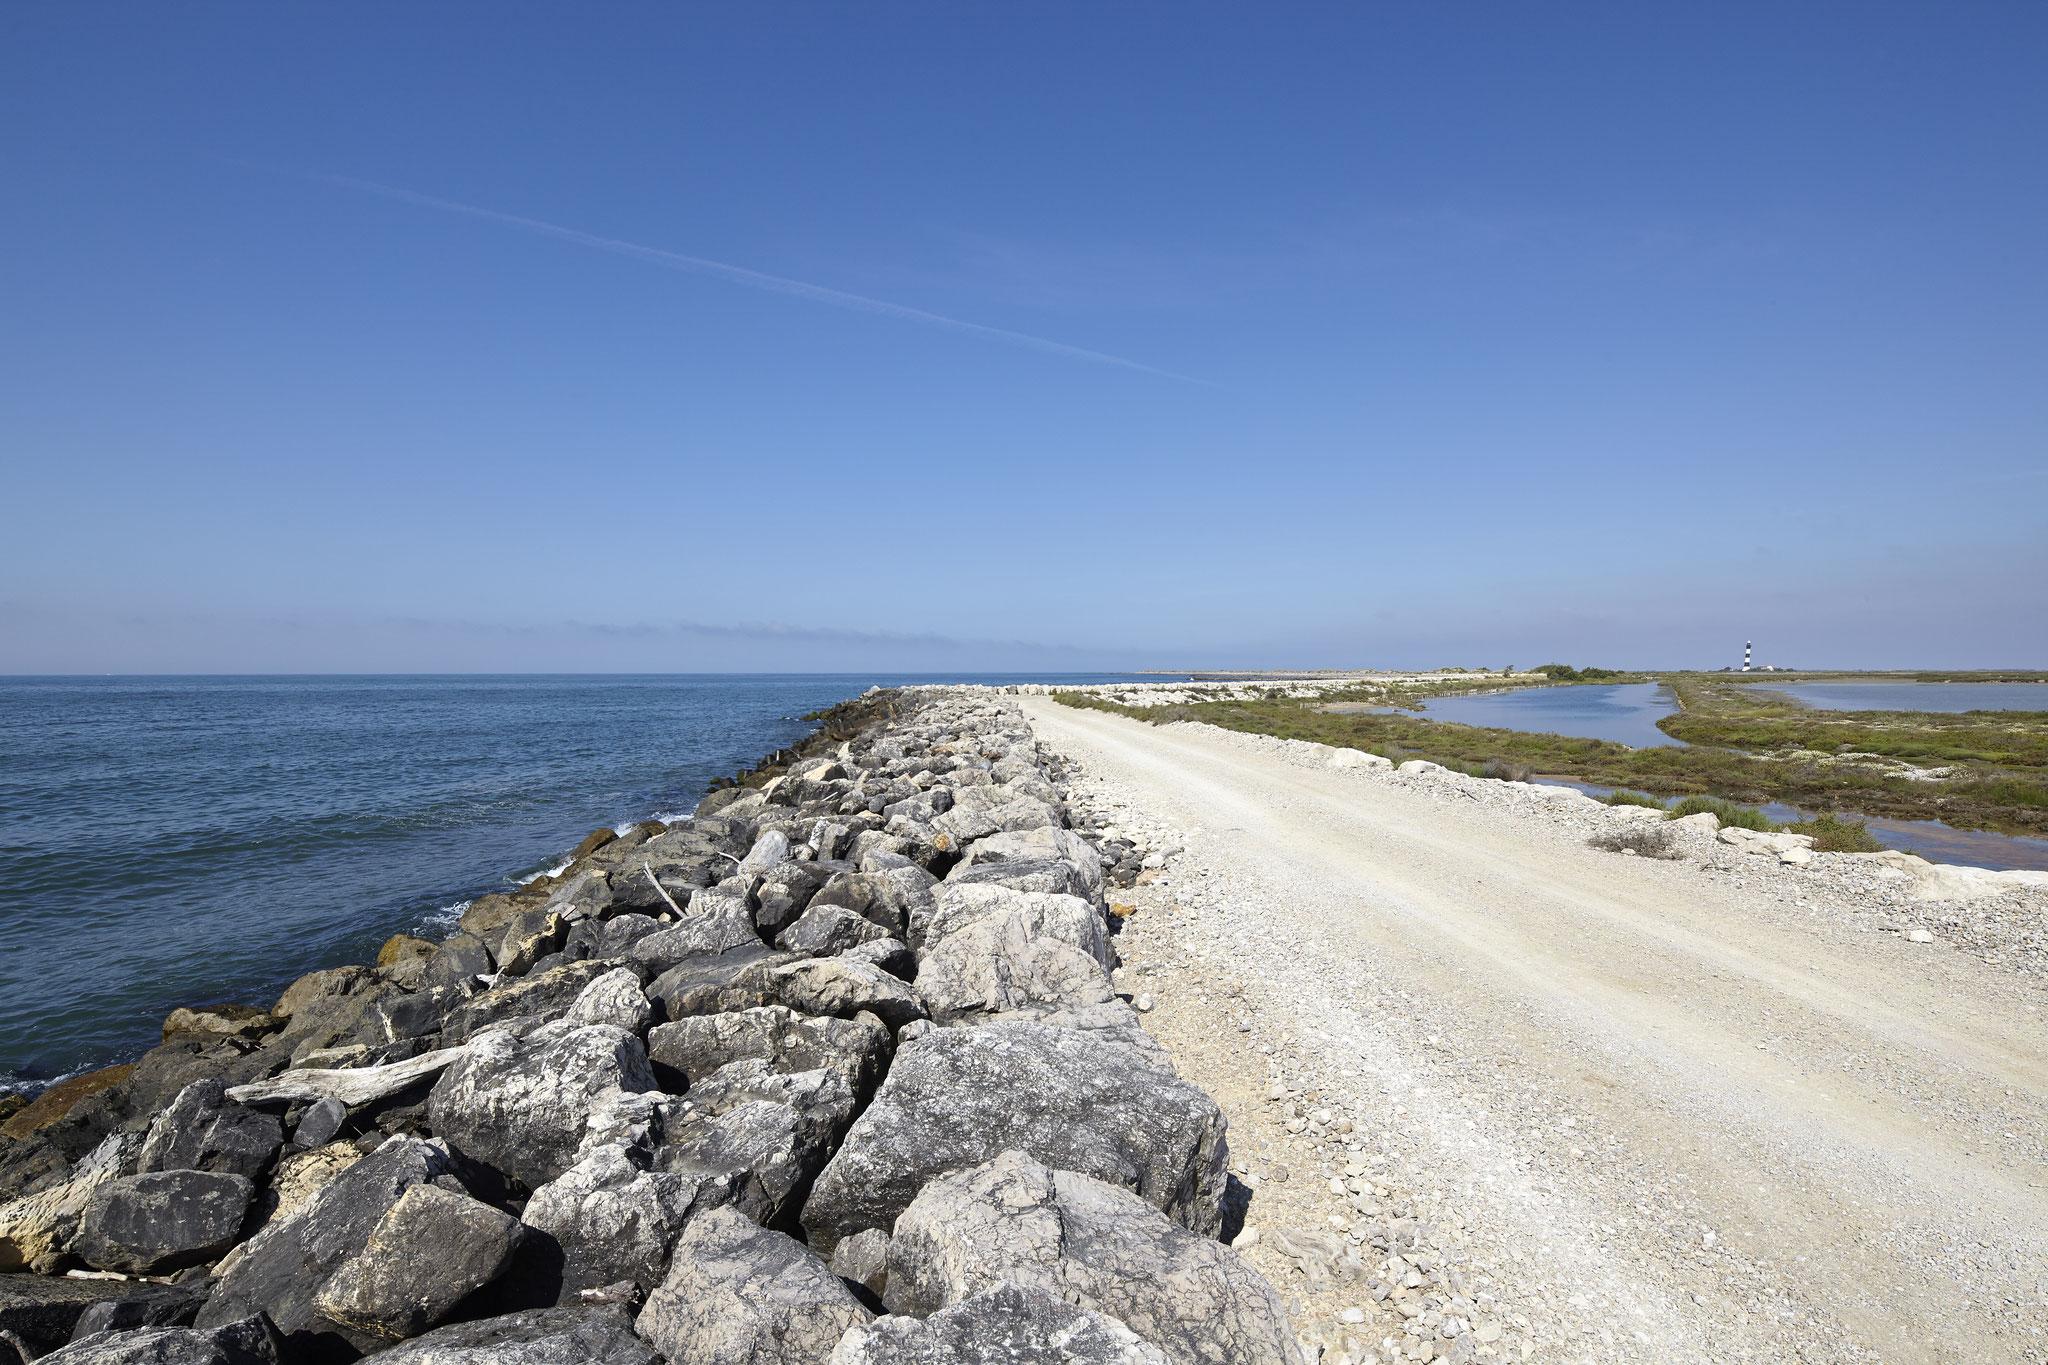 Piste qui longe le littoral dans le salin de Giraud